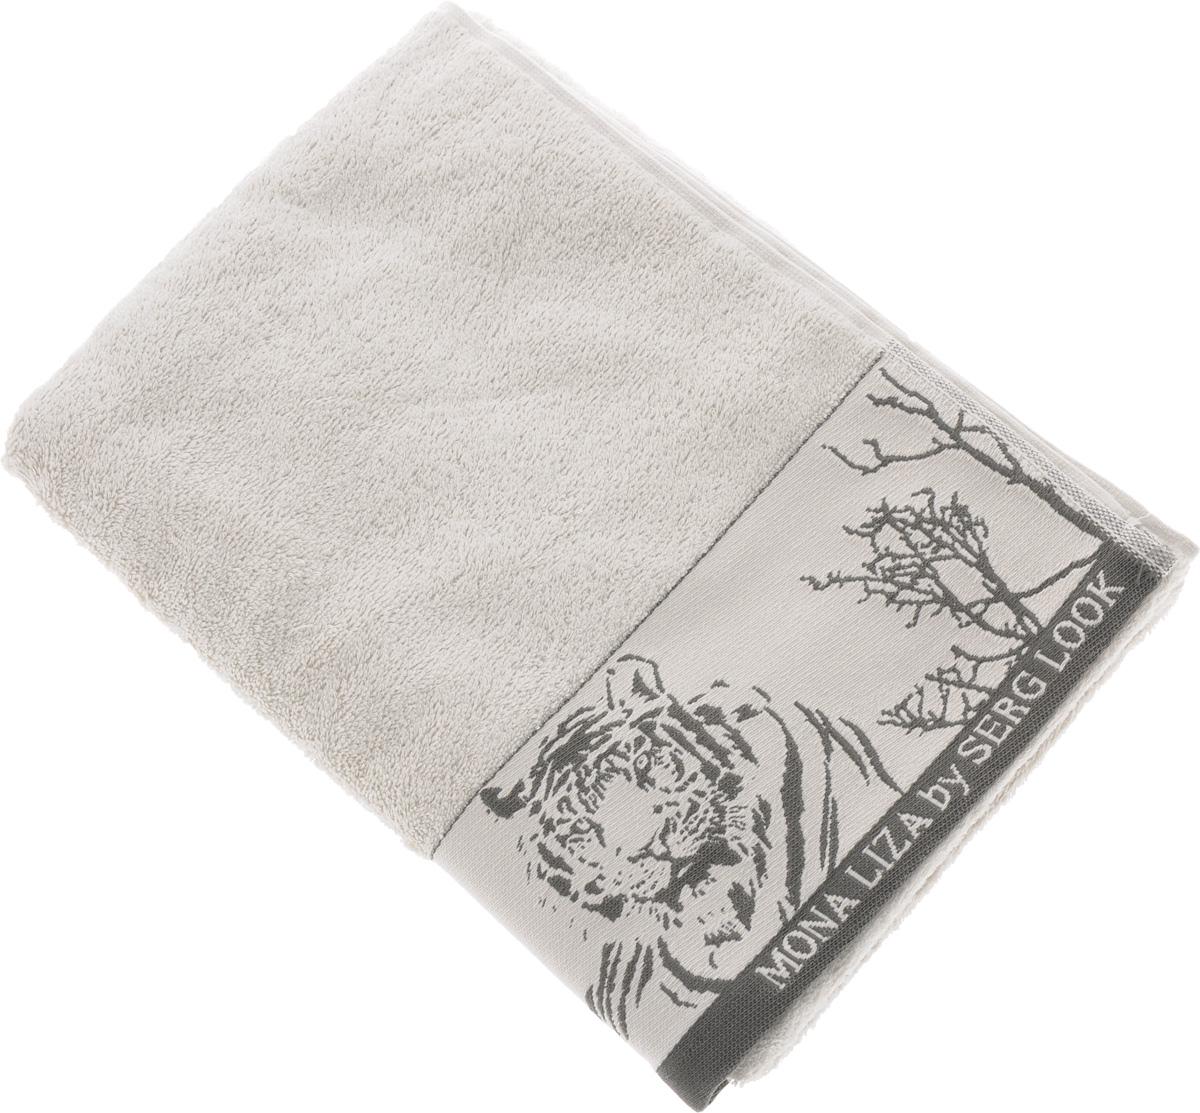 Полотенце Mona Liza Wild, цвет: светло-серый, серый, 70 х 140 смNLED-410-1W-YМягкое полотенце Wild изготовлено из 30% хлопка и 70% бамбукового волокна. Полотенце Wild с жаккардовым бордюром обладает высокой впитывающей способностью и сочетает в себе элегантную роскошь и практичность. Благодаря высокому качеству изготовления, полотенце будет радовать вас многие годы. Мотивы коллекции Mona Liza Premium bu Serg Look навеяны итальянскими фресками эпохи Ренессанса, периода удивительной гармонии в искусстве. В представленной коллекции для нанесения на ткань рисунка применяется многоцветная печать, метод реактивного крашения, который позволяет создать уникальную цветовую гамму, напоминающую старинные фрески. Этот метод также обеспечивает высокую устойчивость краски при стирке.